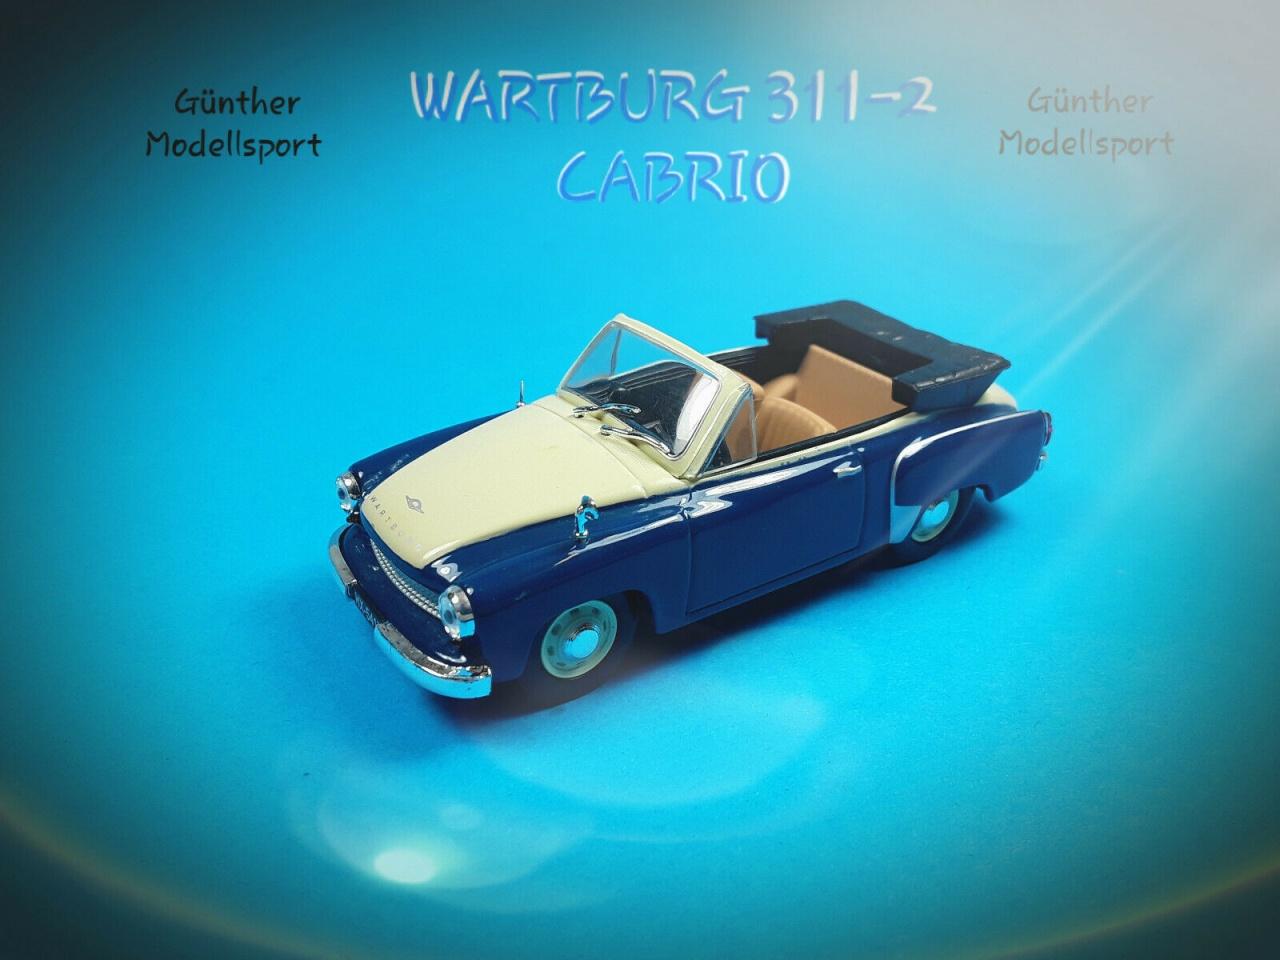 IXO-430917 Wartburg 311-2 Cabrio, Maßstab 1:43